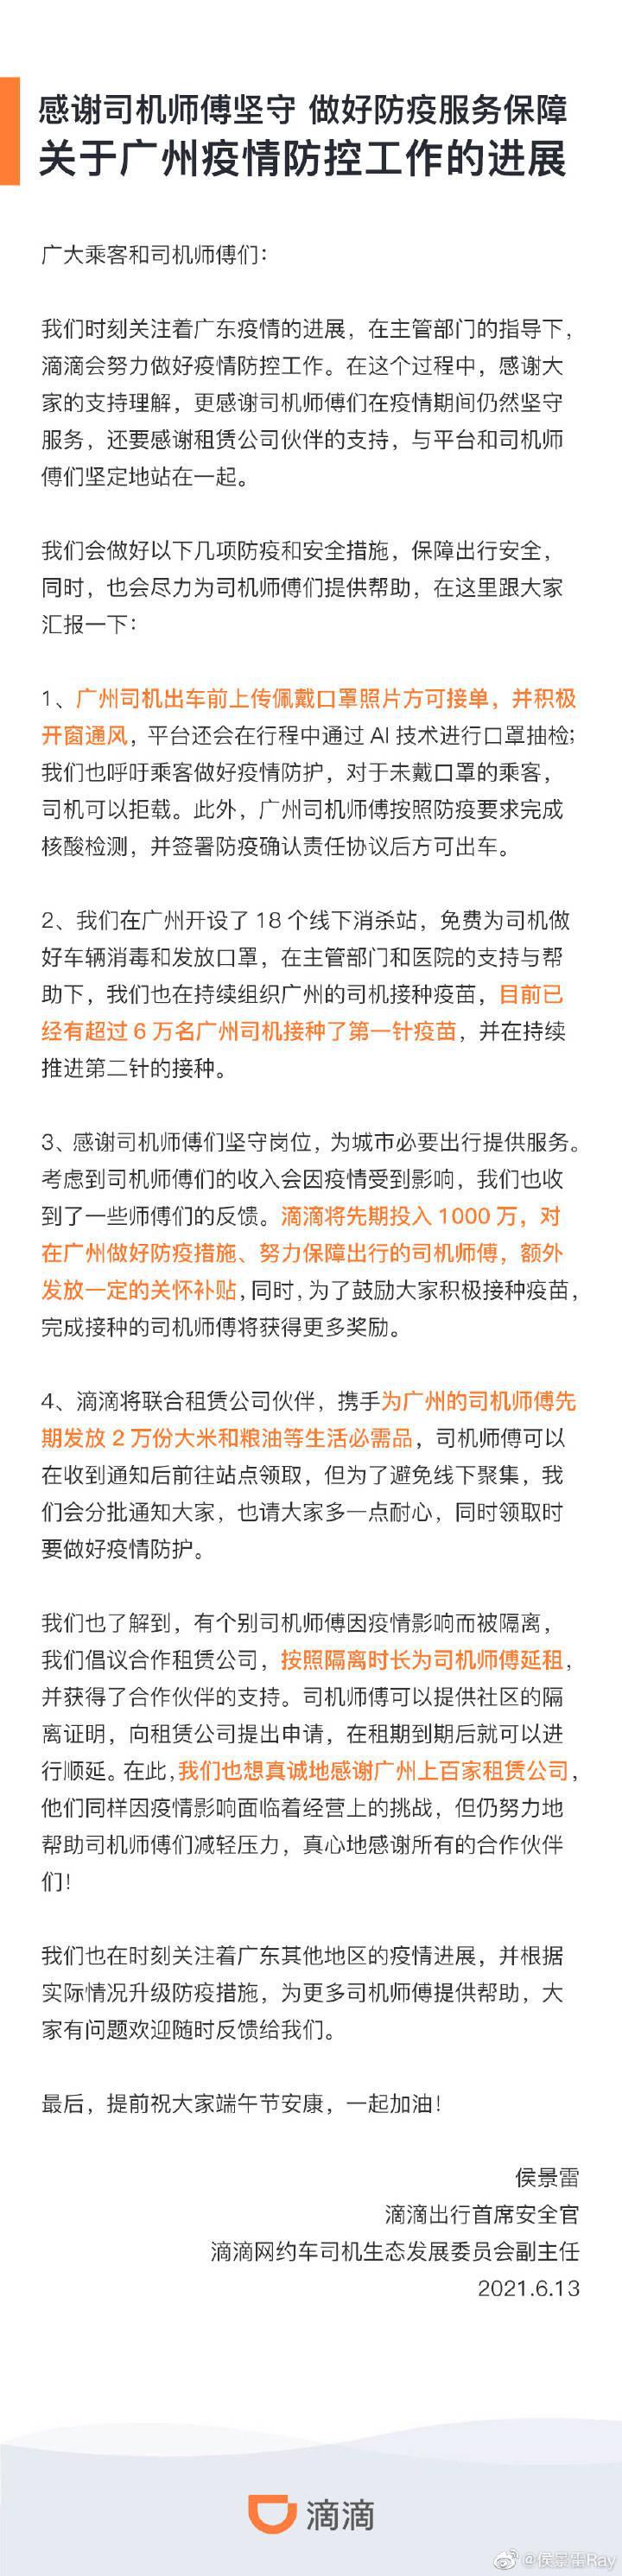 滴滴:超6万名广州司机接种第一针疫苗